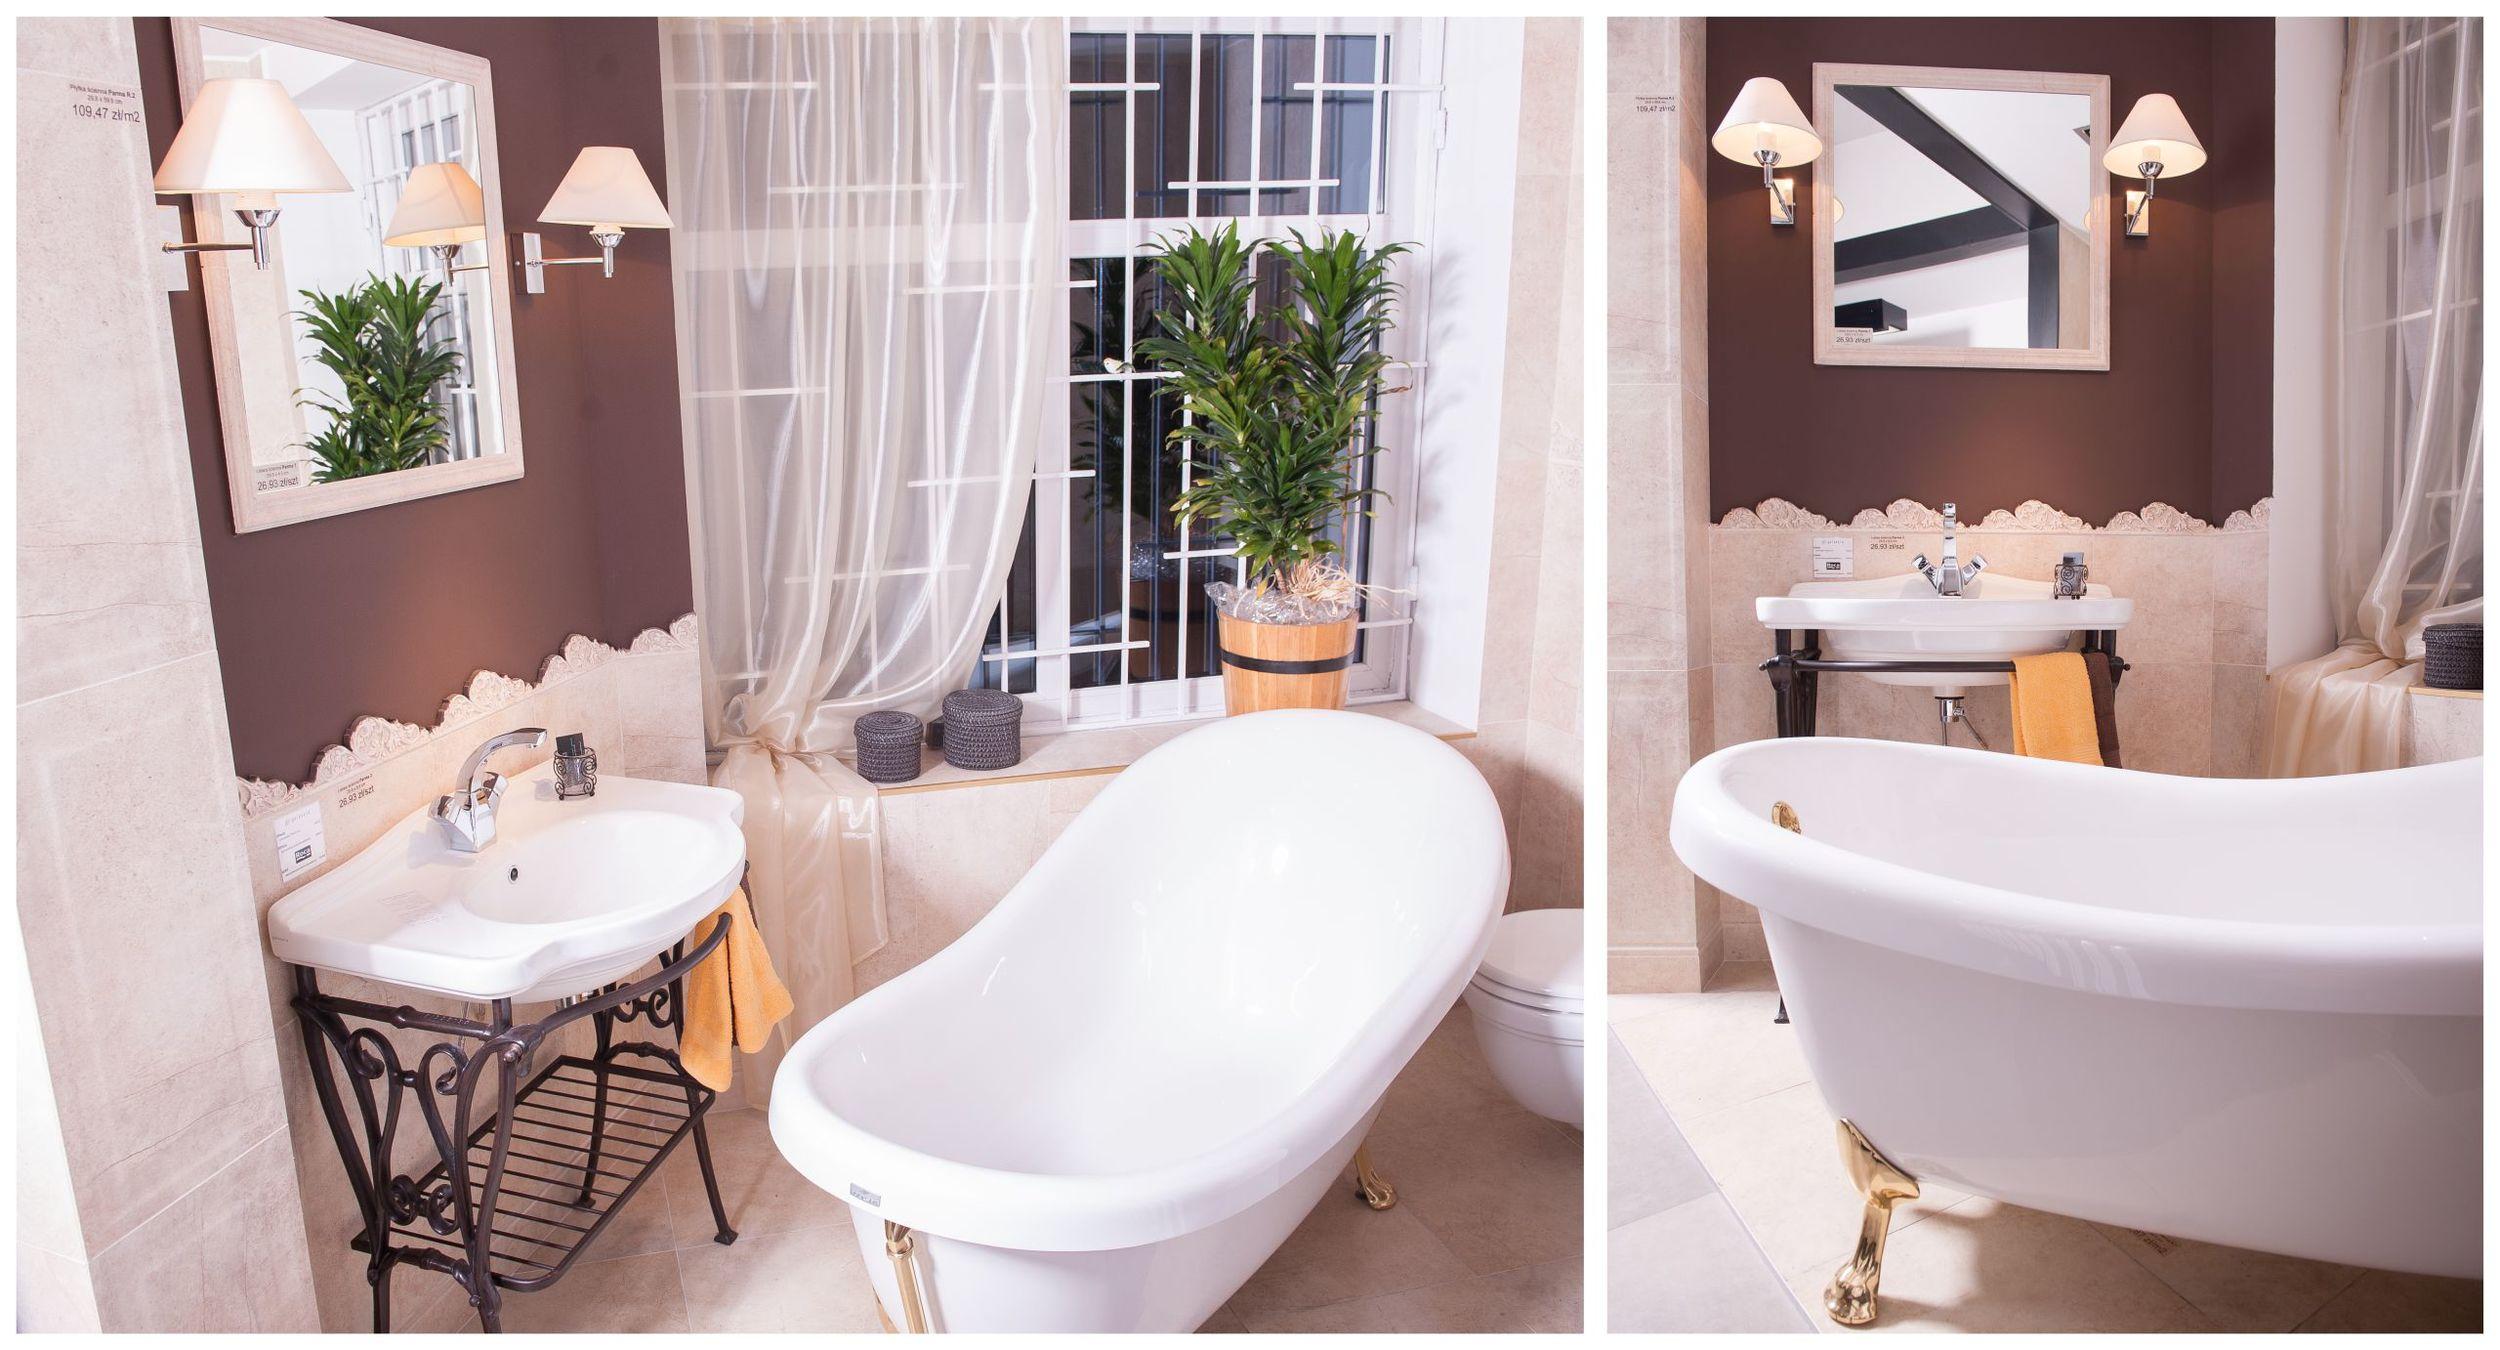 Salon wyposażenia łazienek Kamgres   Tubądzin   Roca